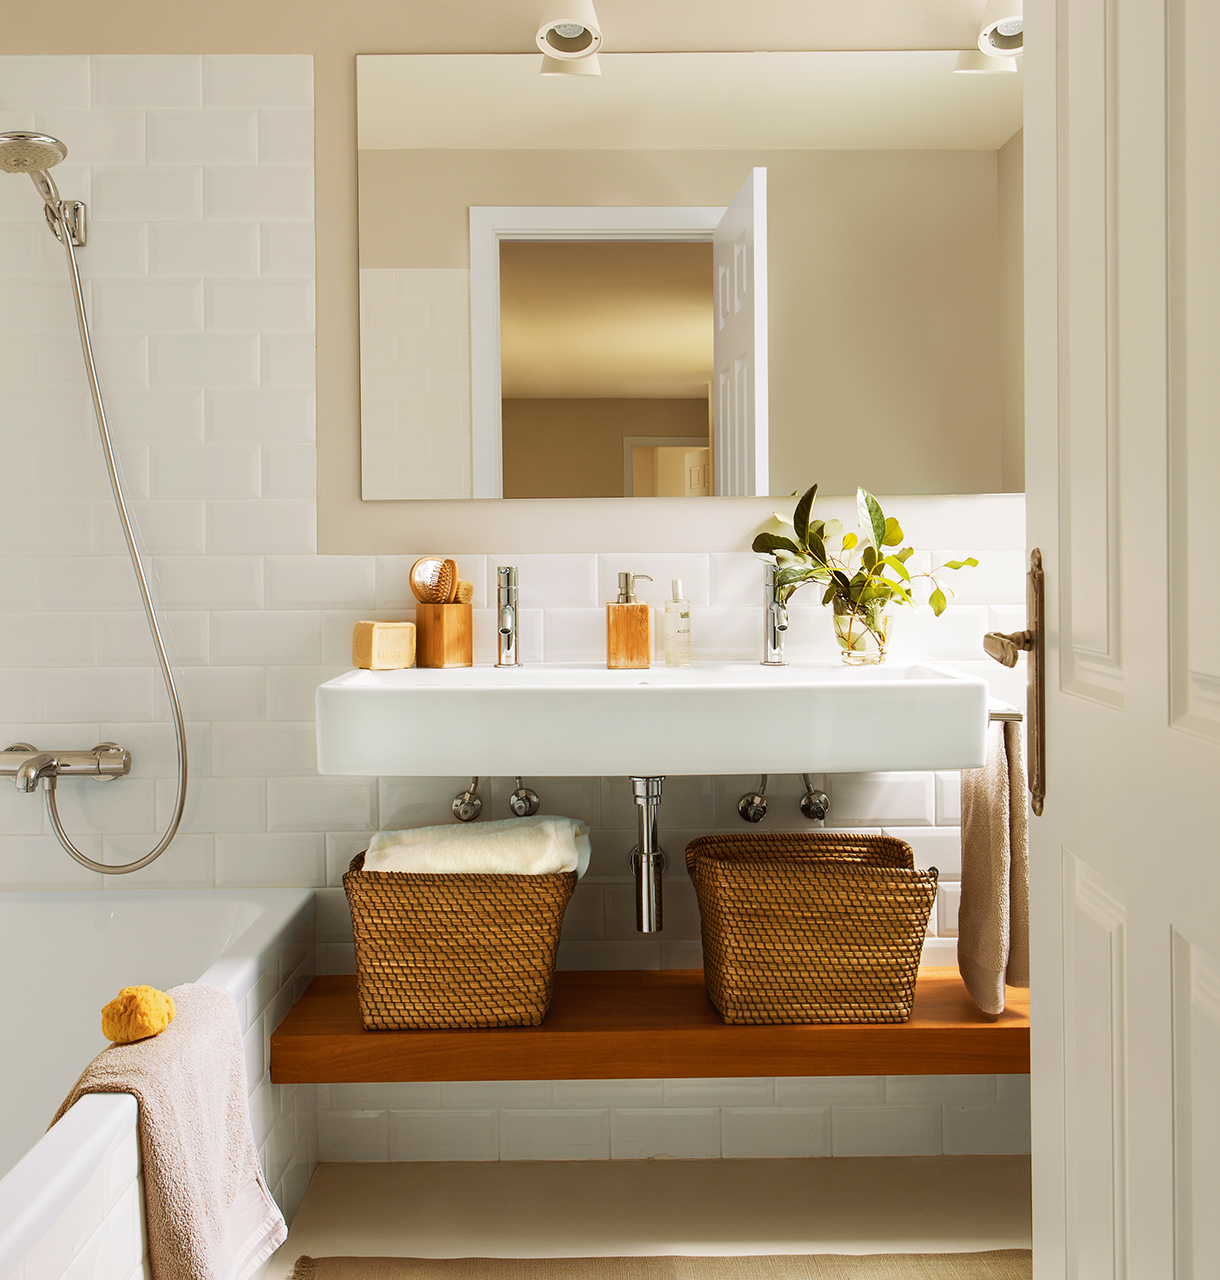 Reformar dos pisos antiguos y convertirlos en uno moderno y funcional - Muebles de bano estilo antiguo ...